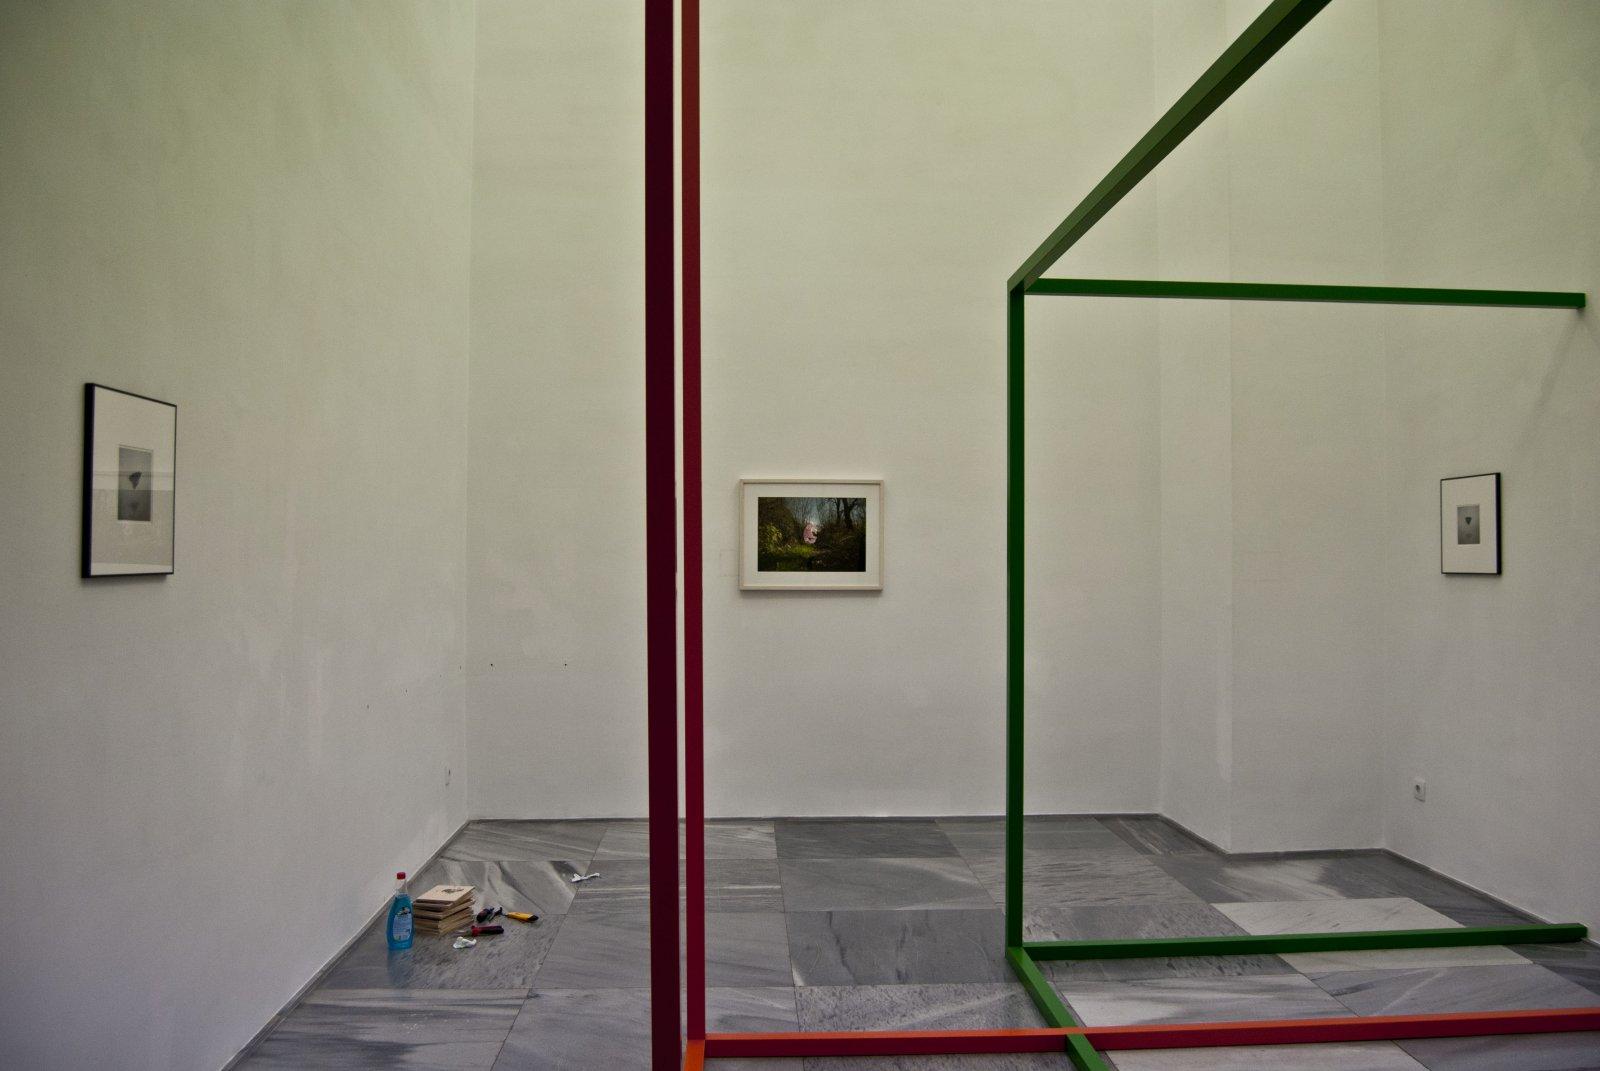 Montaje de 'Espacio gélido', de Julia Llerena, en la galería Espacio Mínimo